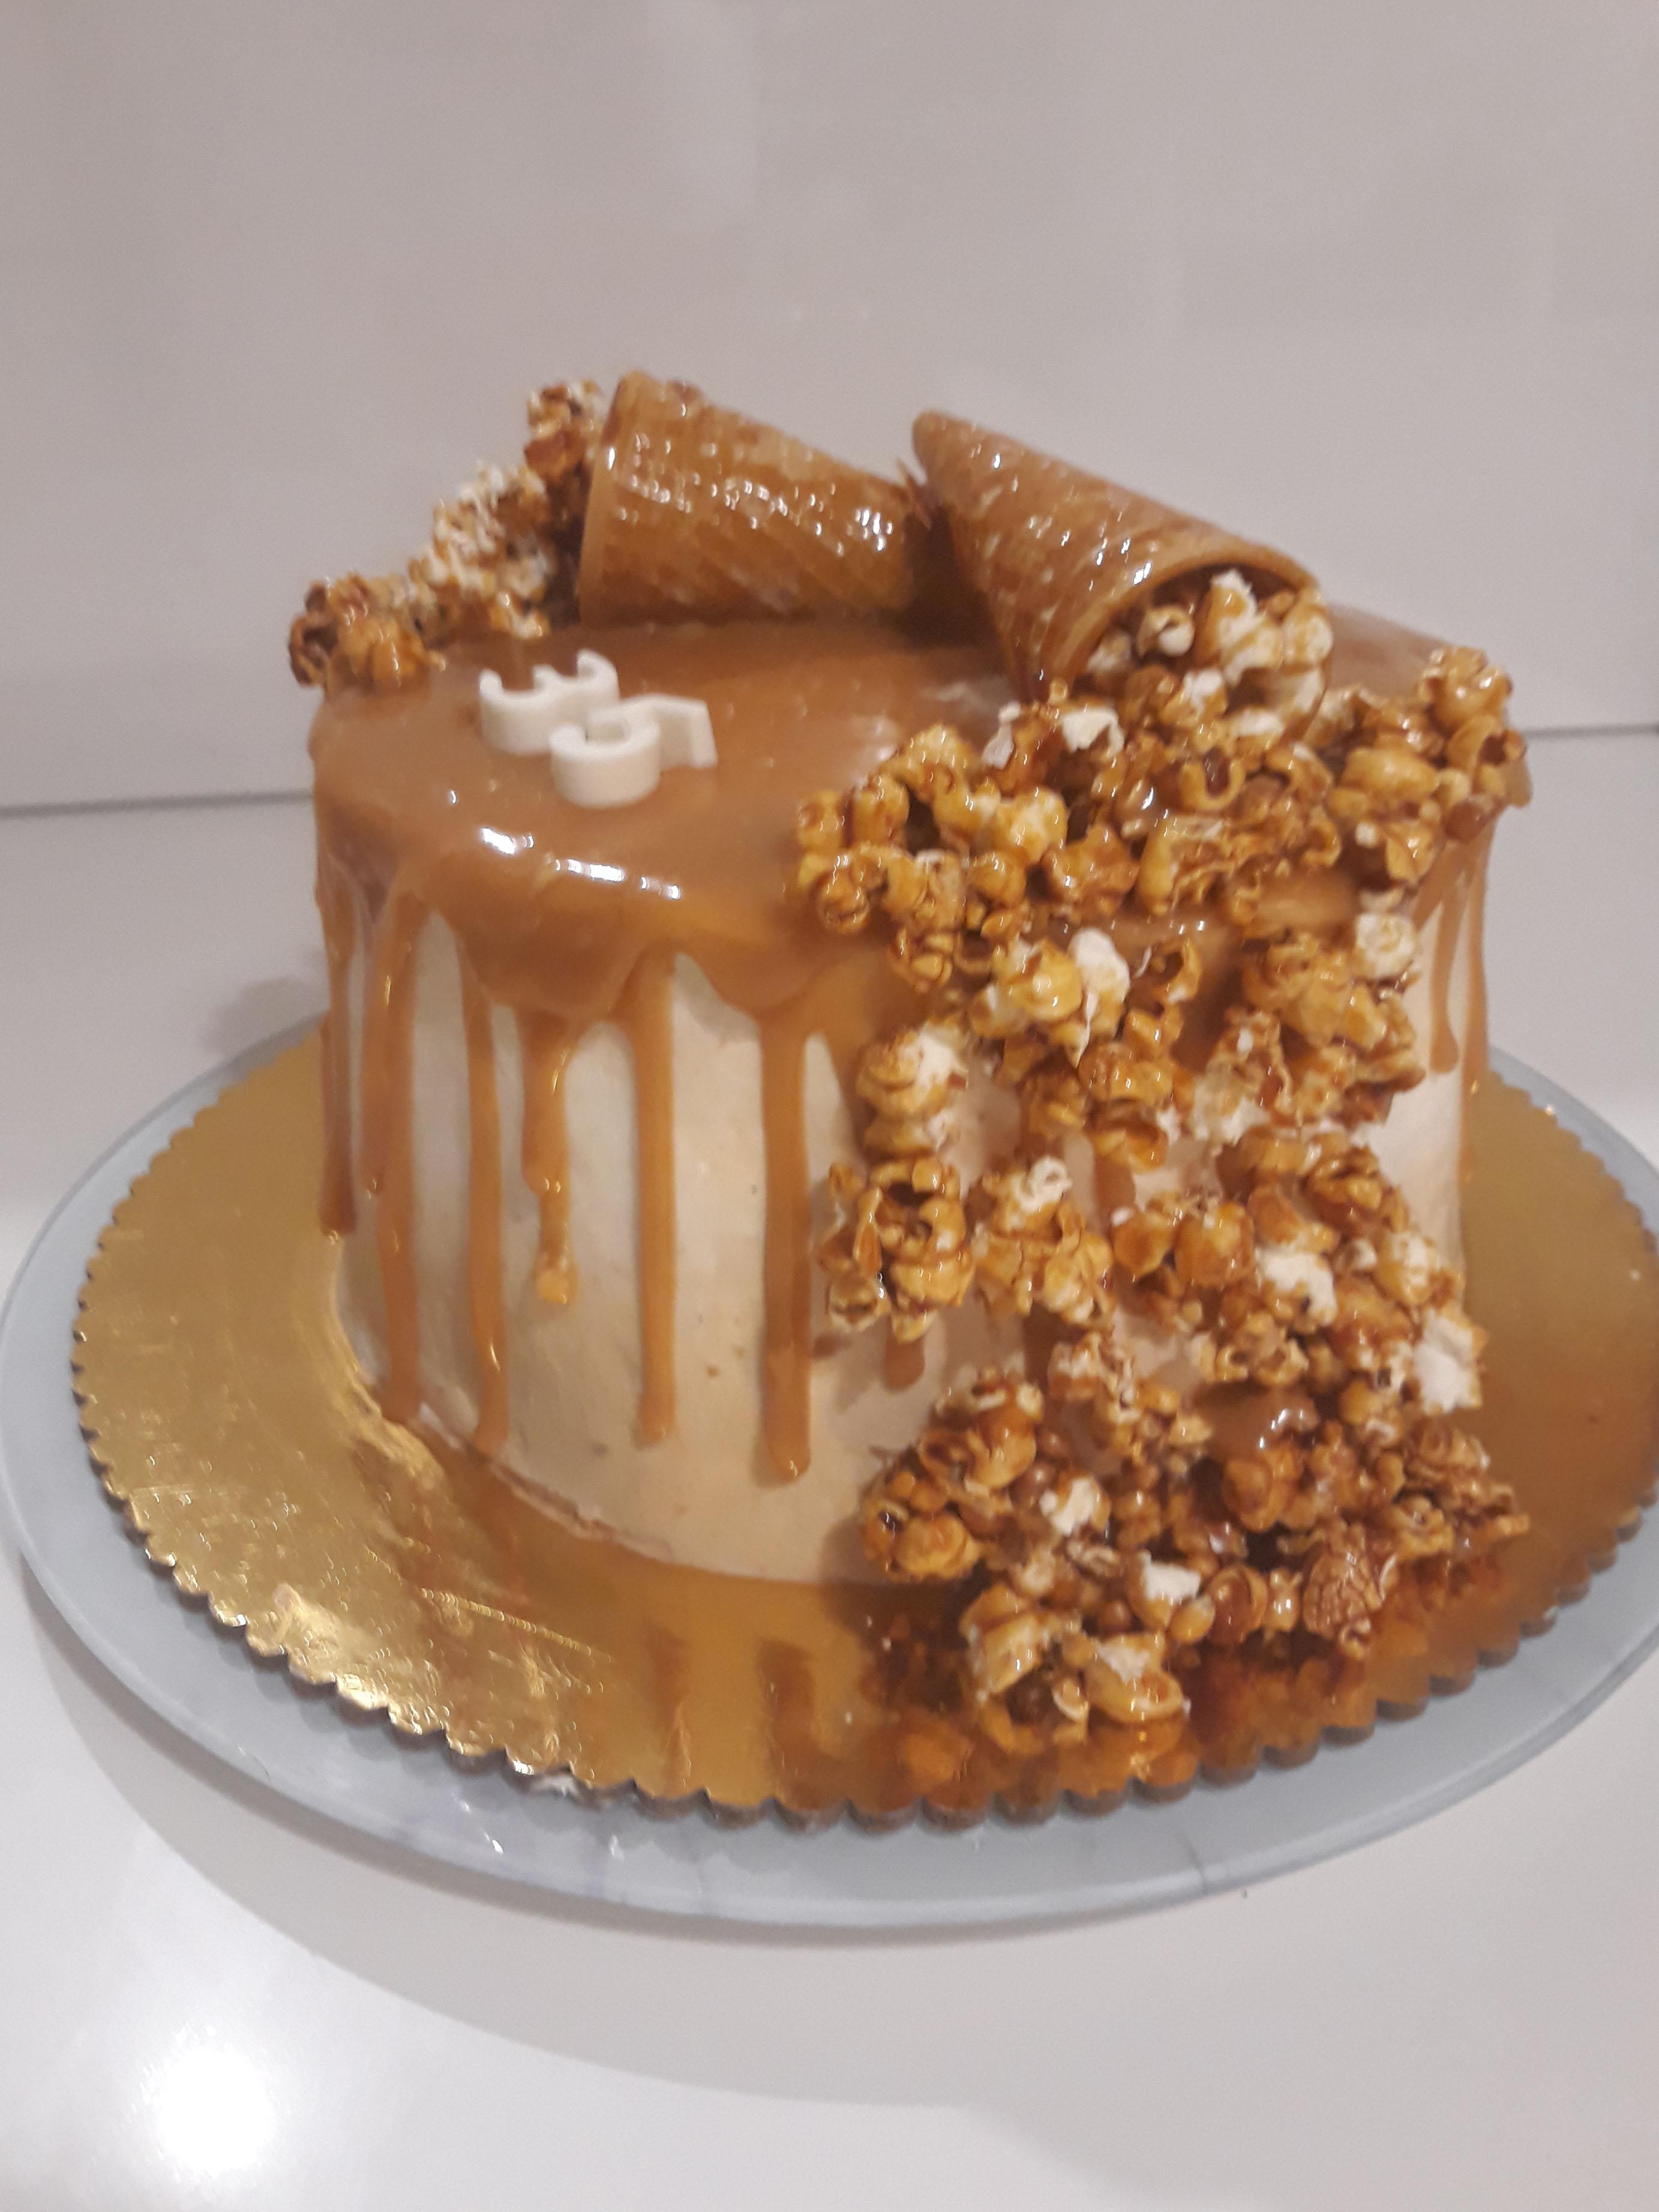 20190806 194702 1 - עוגת זילוף